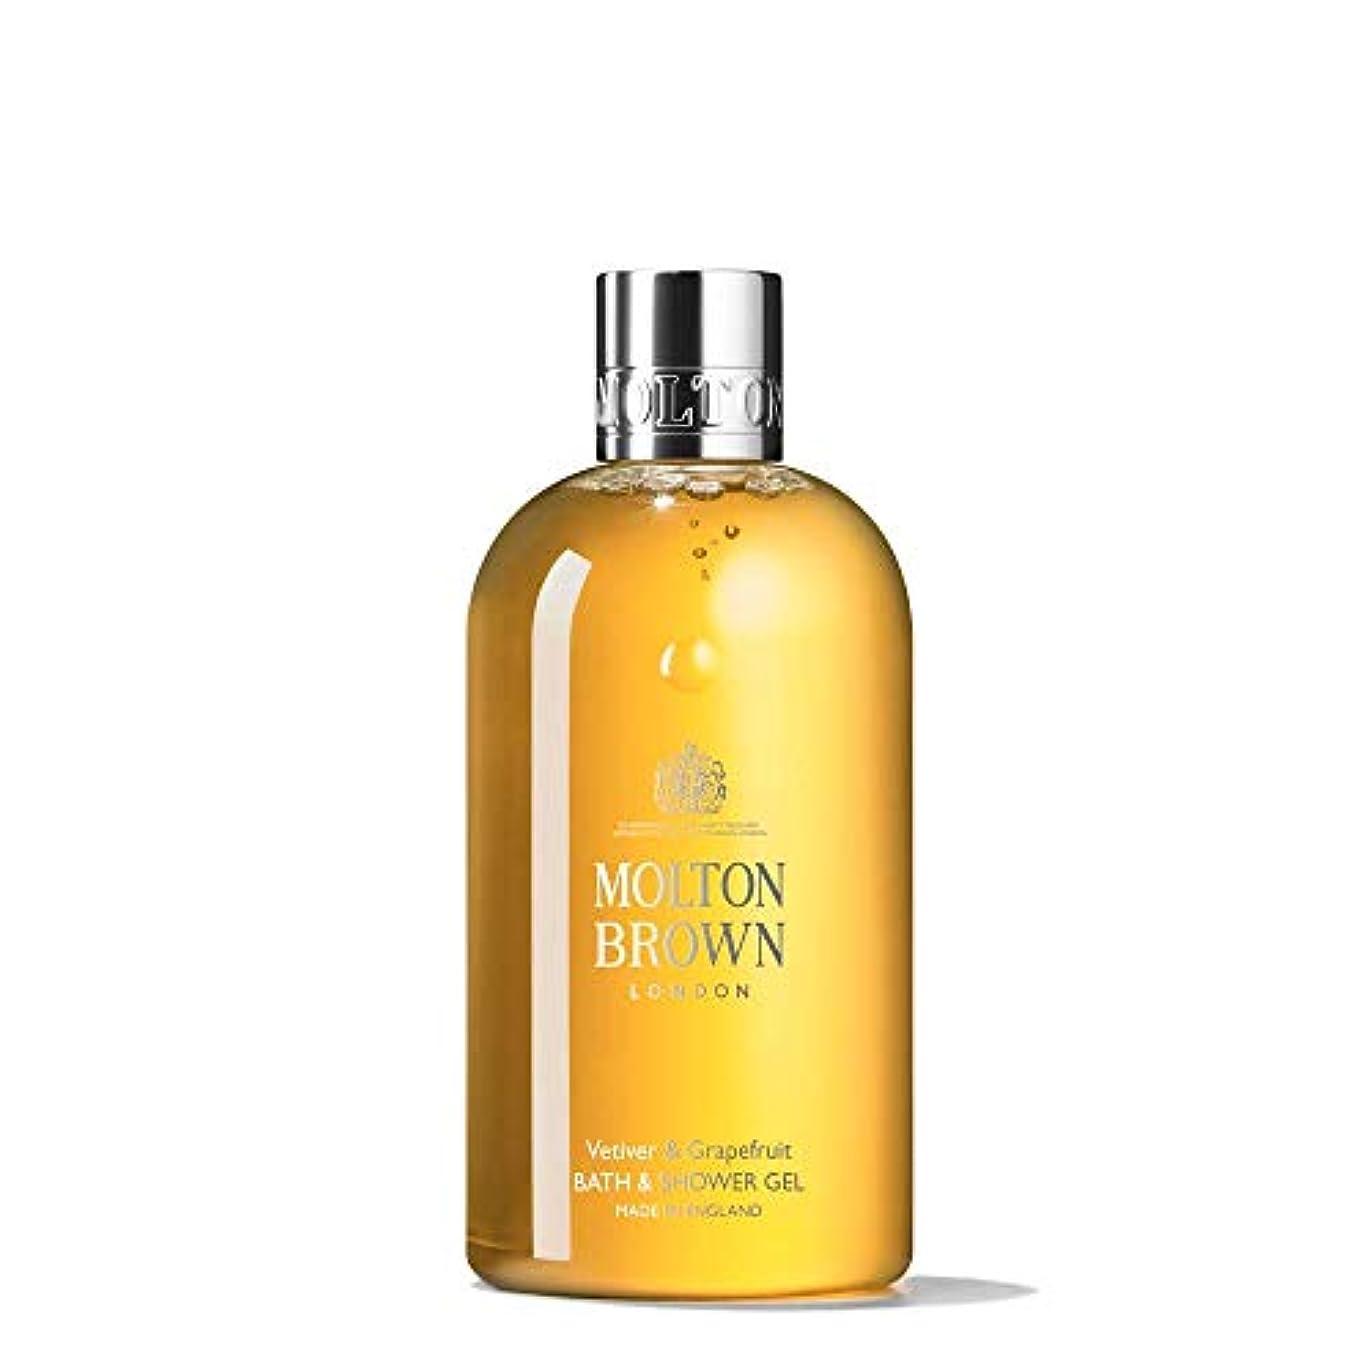 スイッチ運ぶドレスMOLTON BROWN(モルトンブラウン) ベチバー&グレープフルーツ コレクション V&G バス&シャワージェル